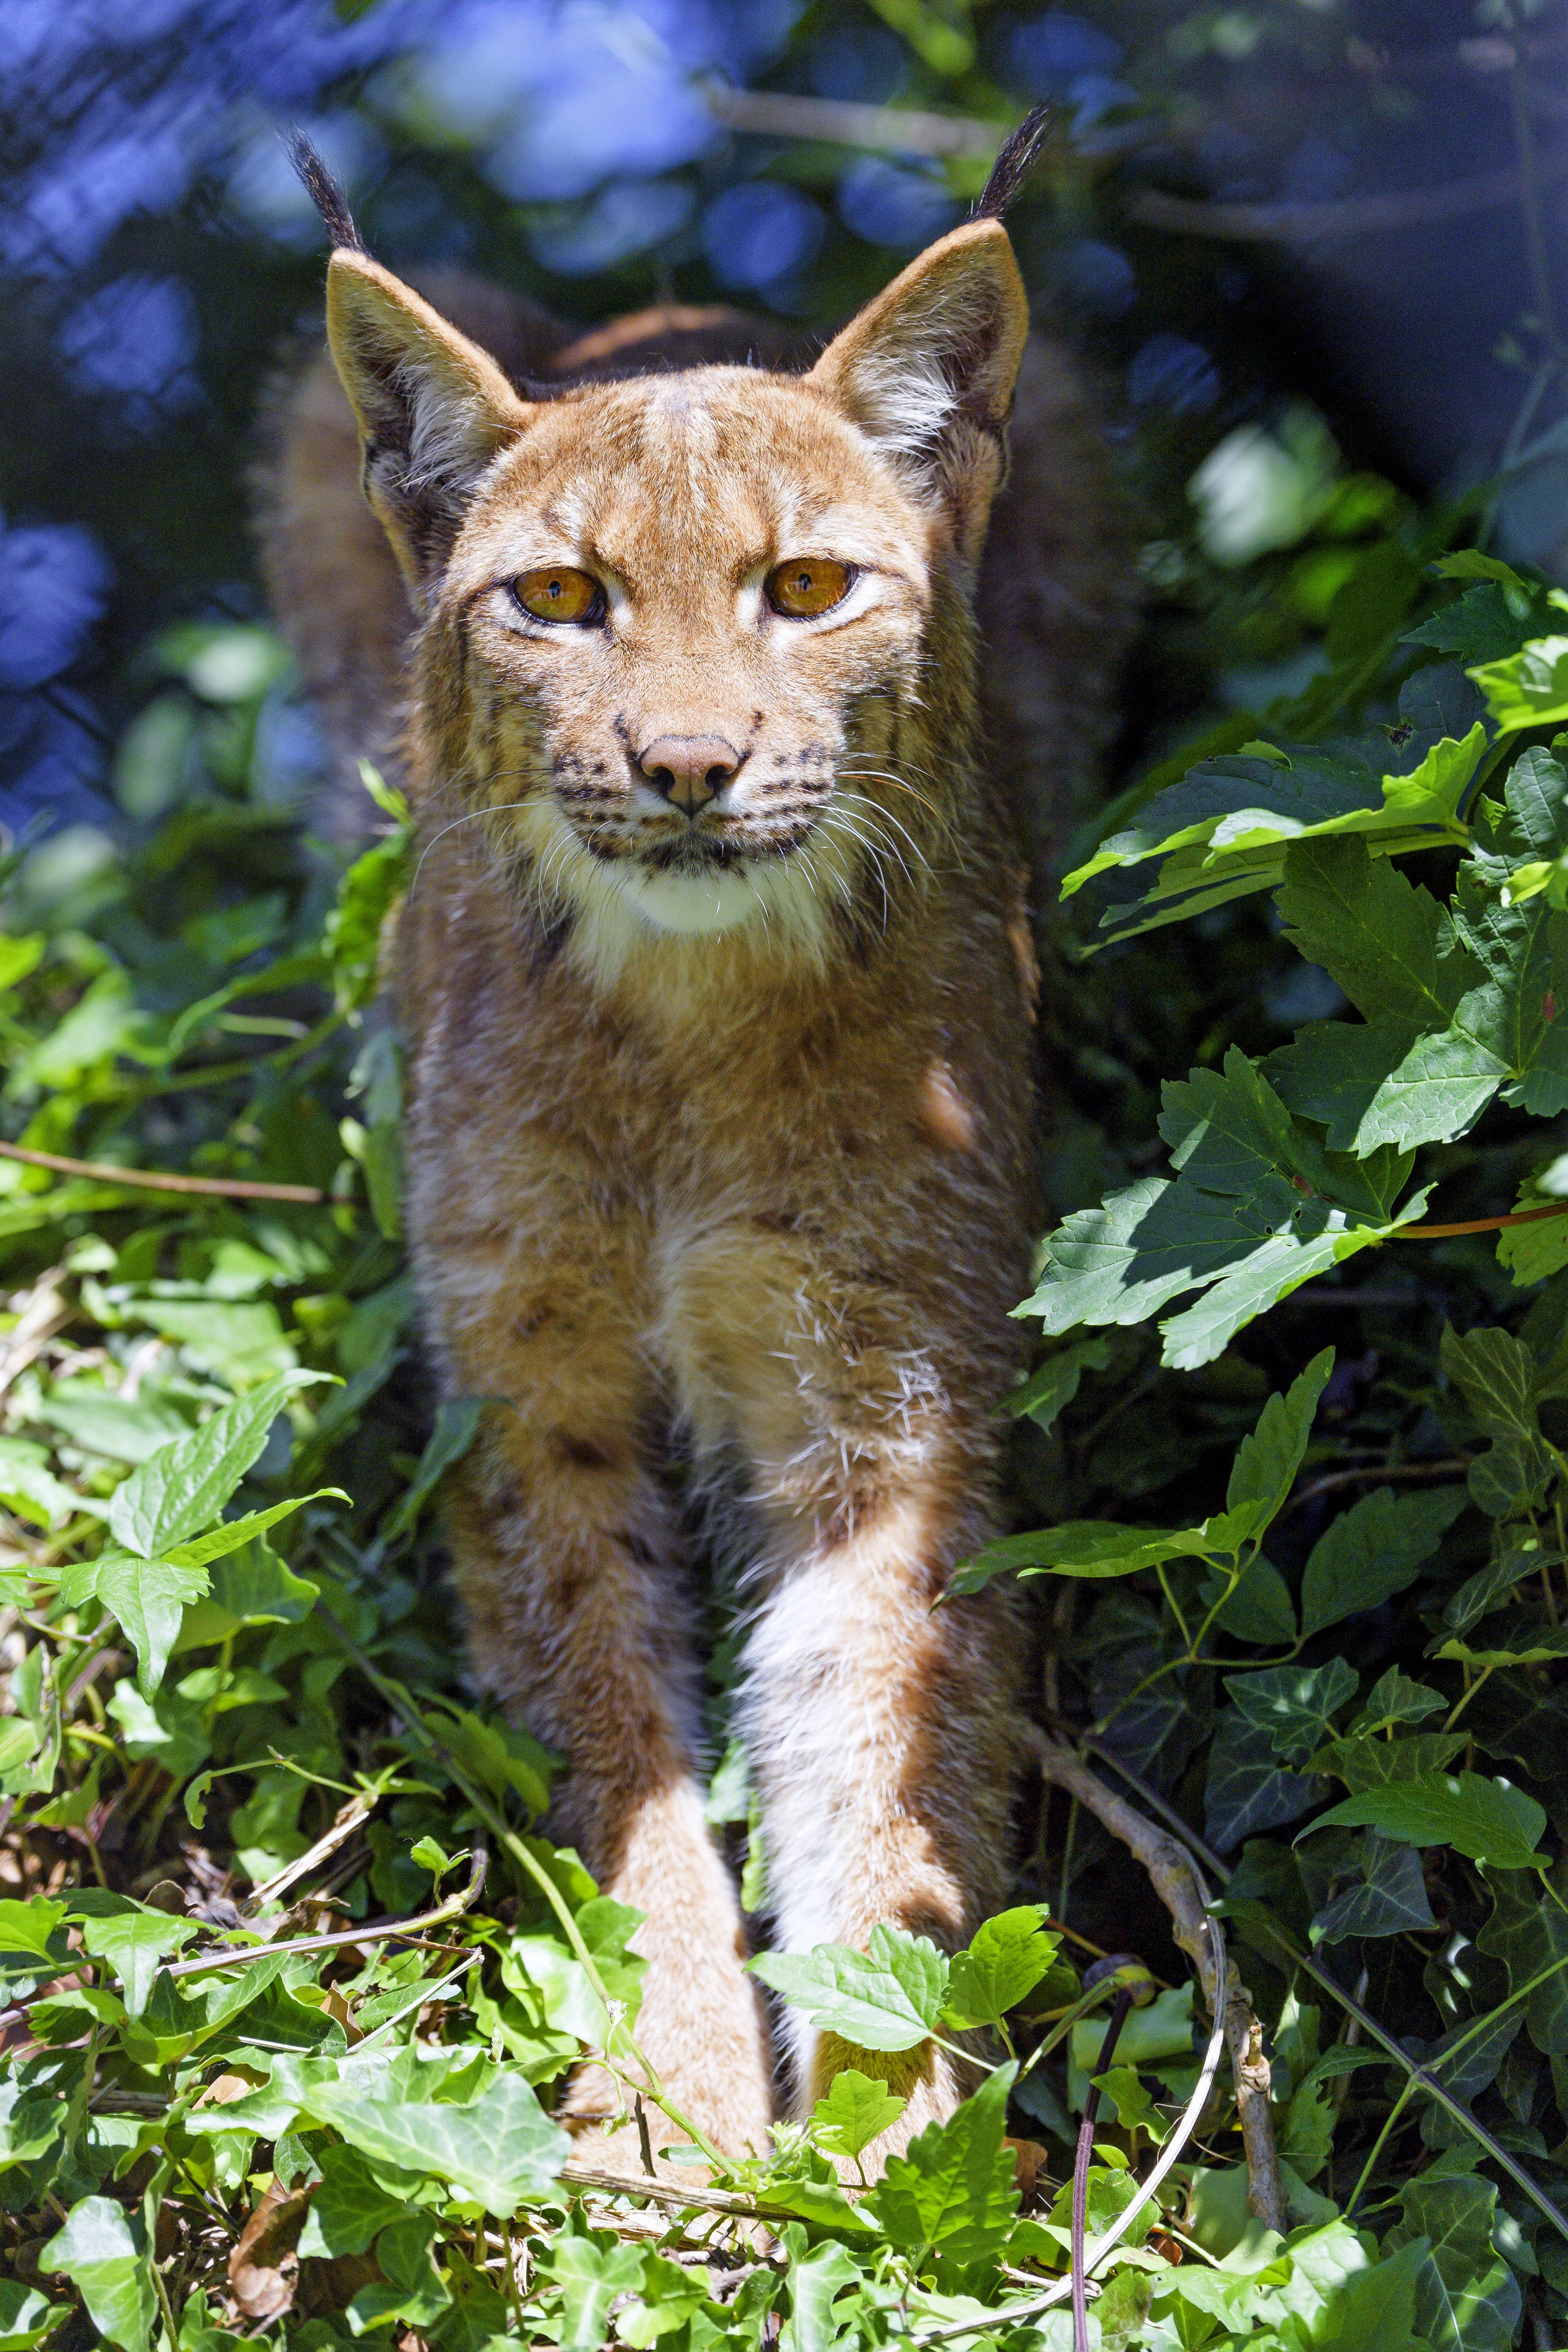 100289 скачать обои Животные, Ирис, Большая Кошка, Взгляд, Животное, Трава - заставки и картинки бесплатно